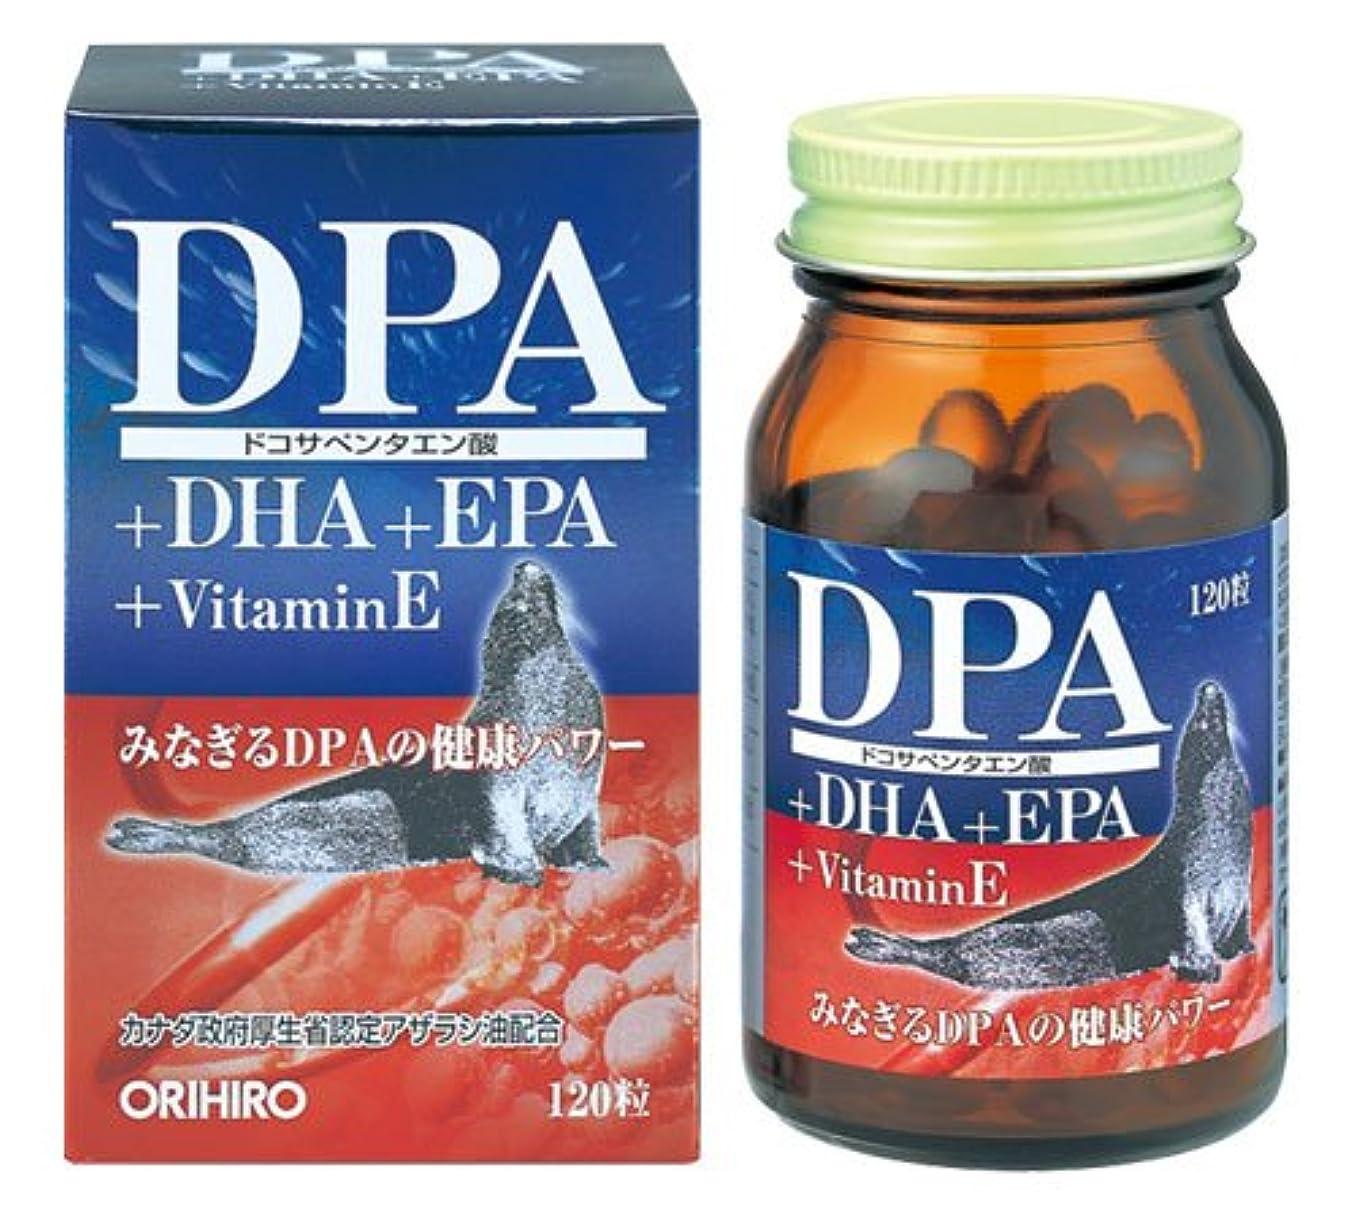 取り戻すキャプチャーファンシーDPA+DHA+EPAカプセル 120粒(約1ヶ月分)